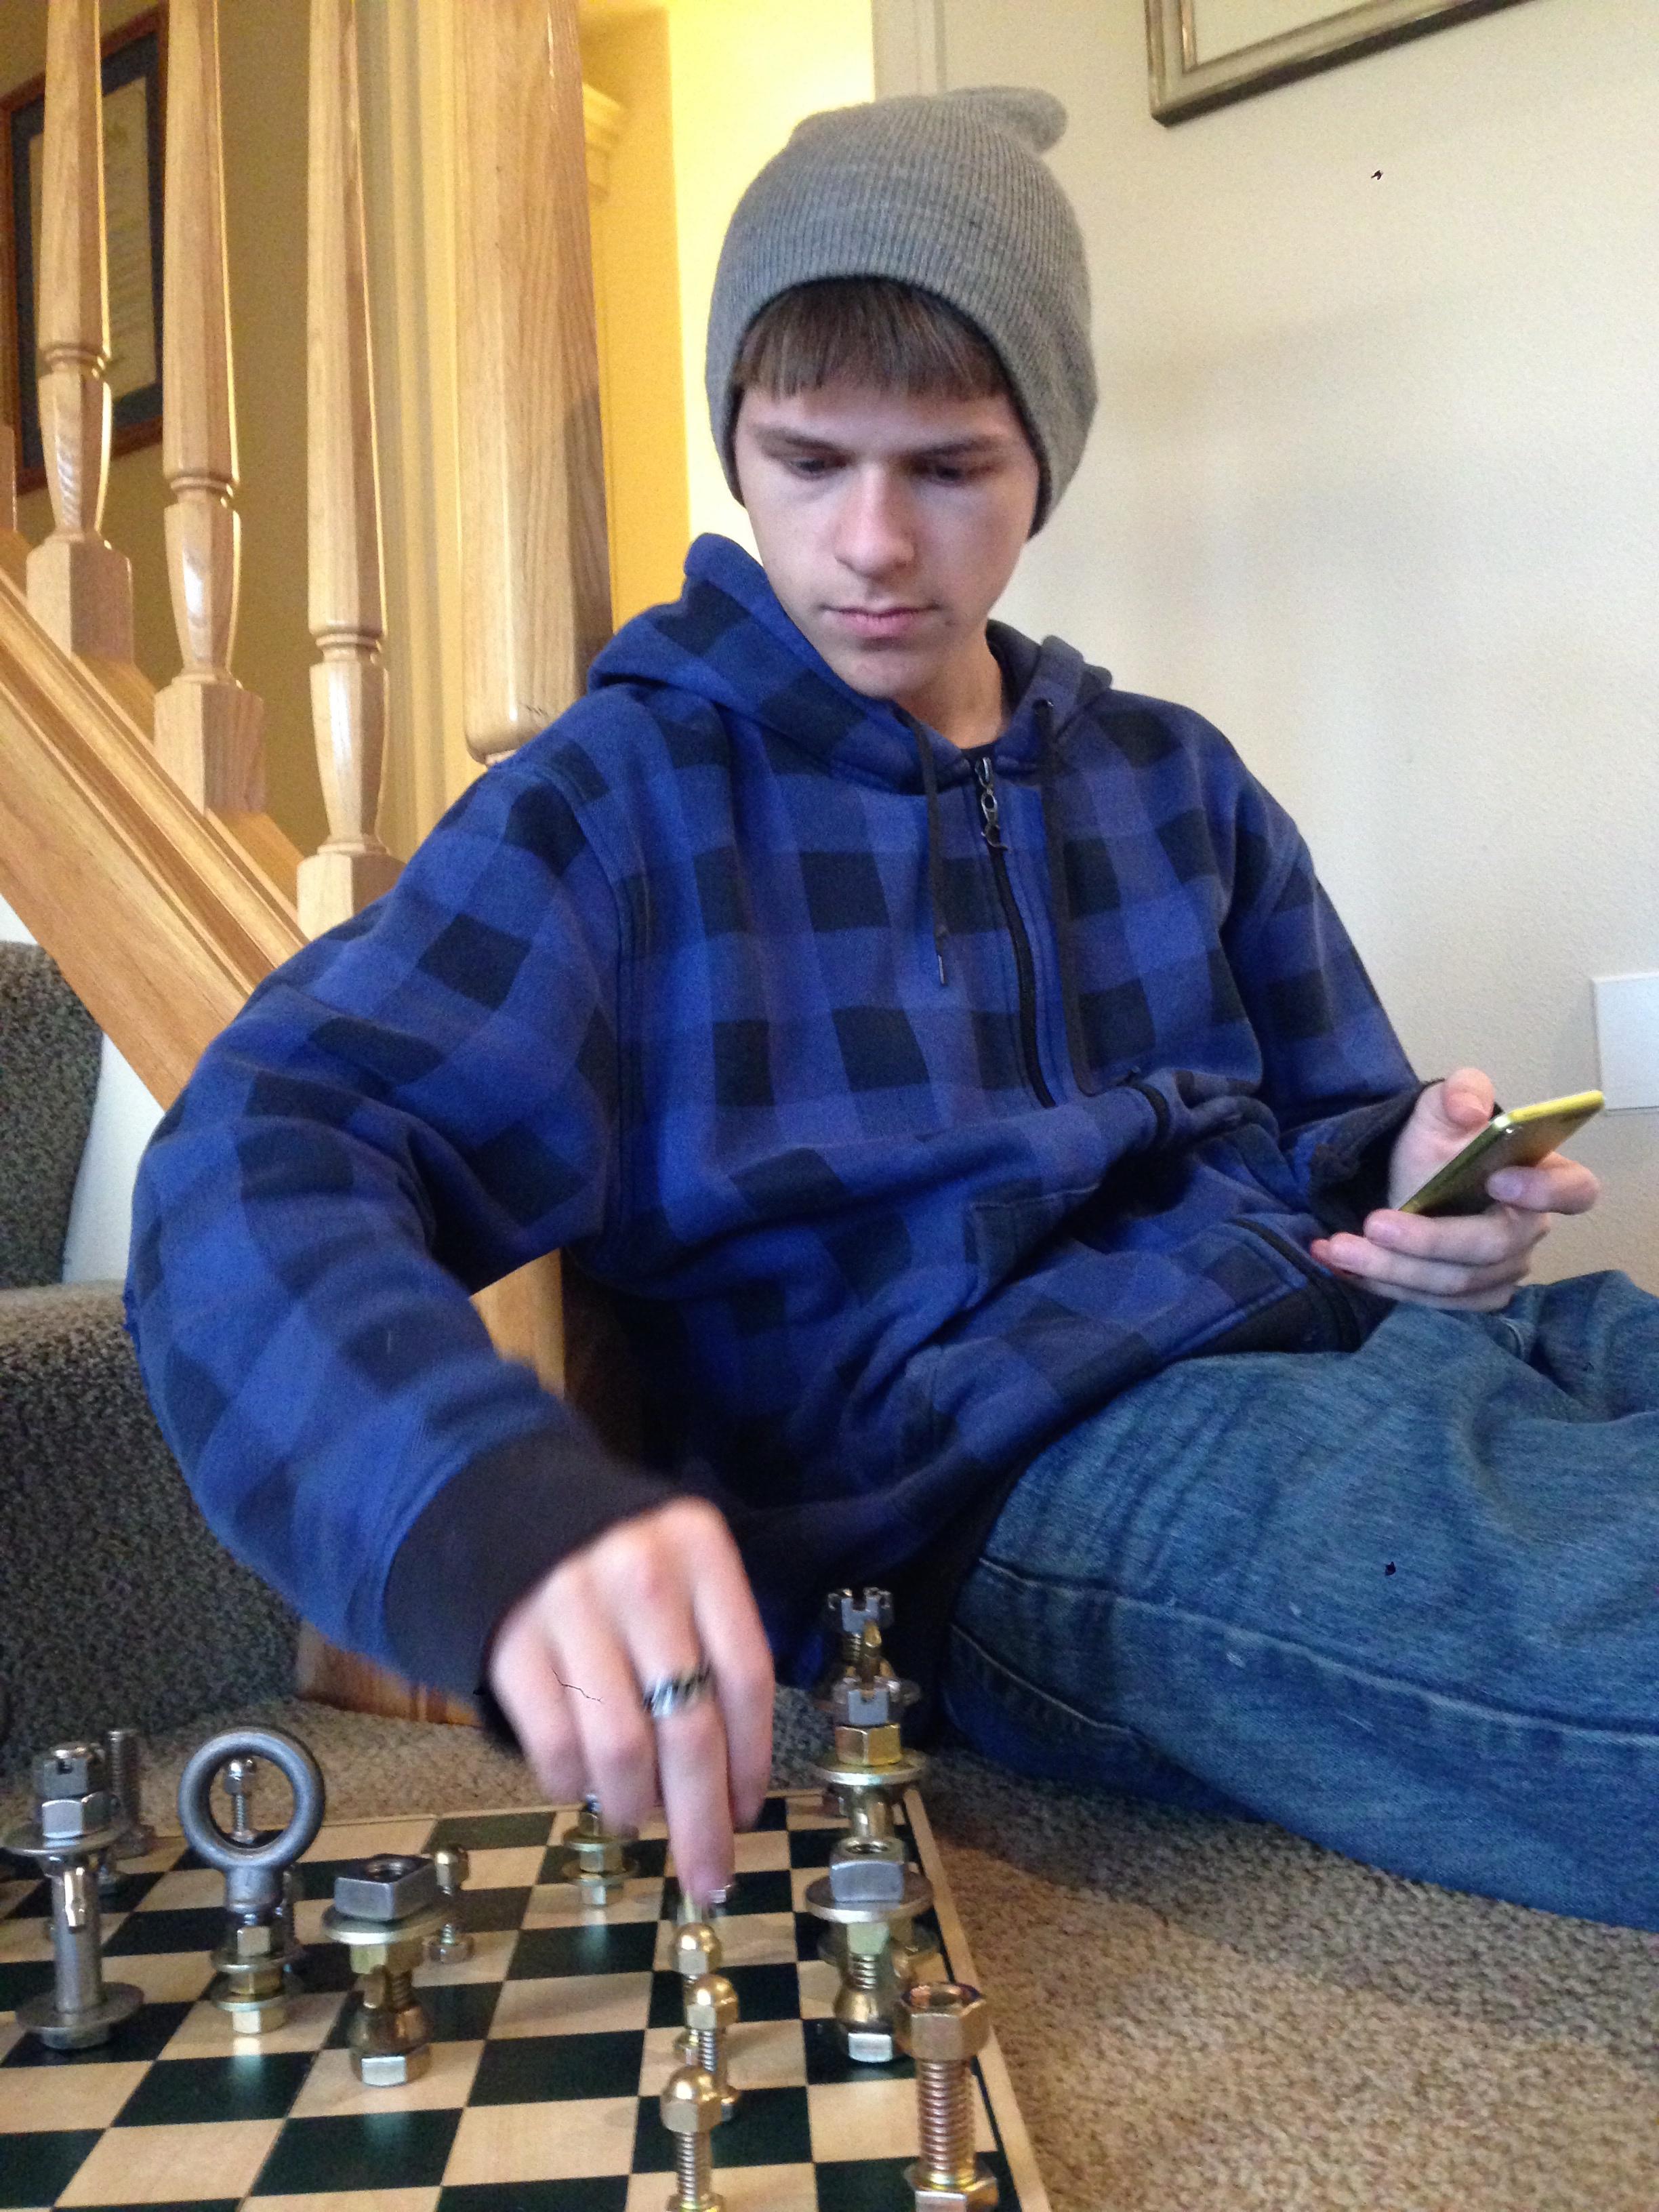 Matt and his new chess set